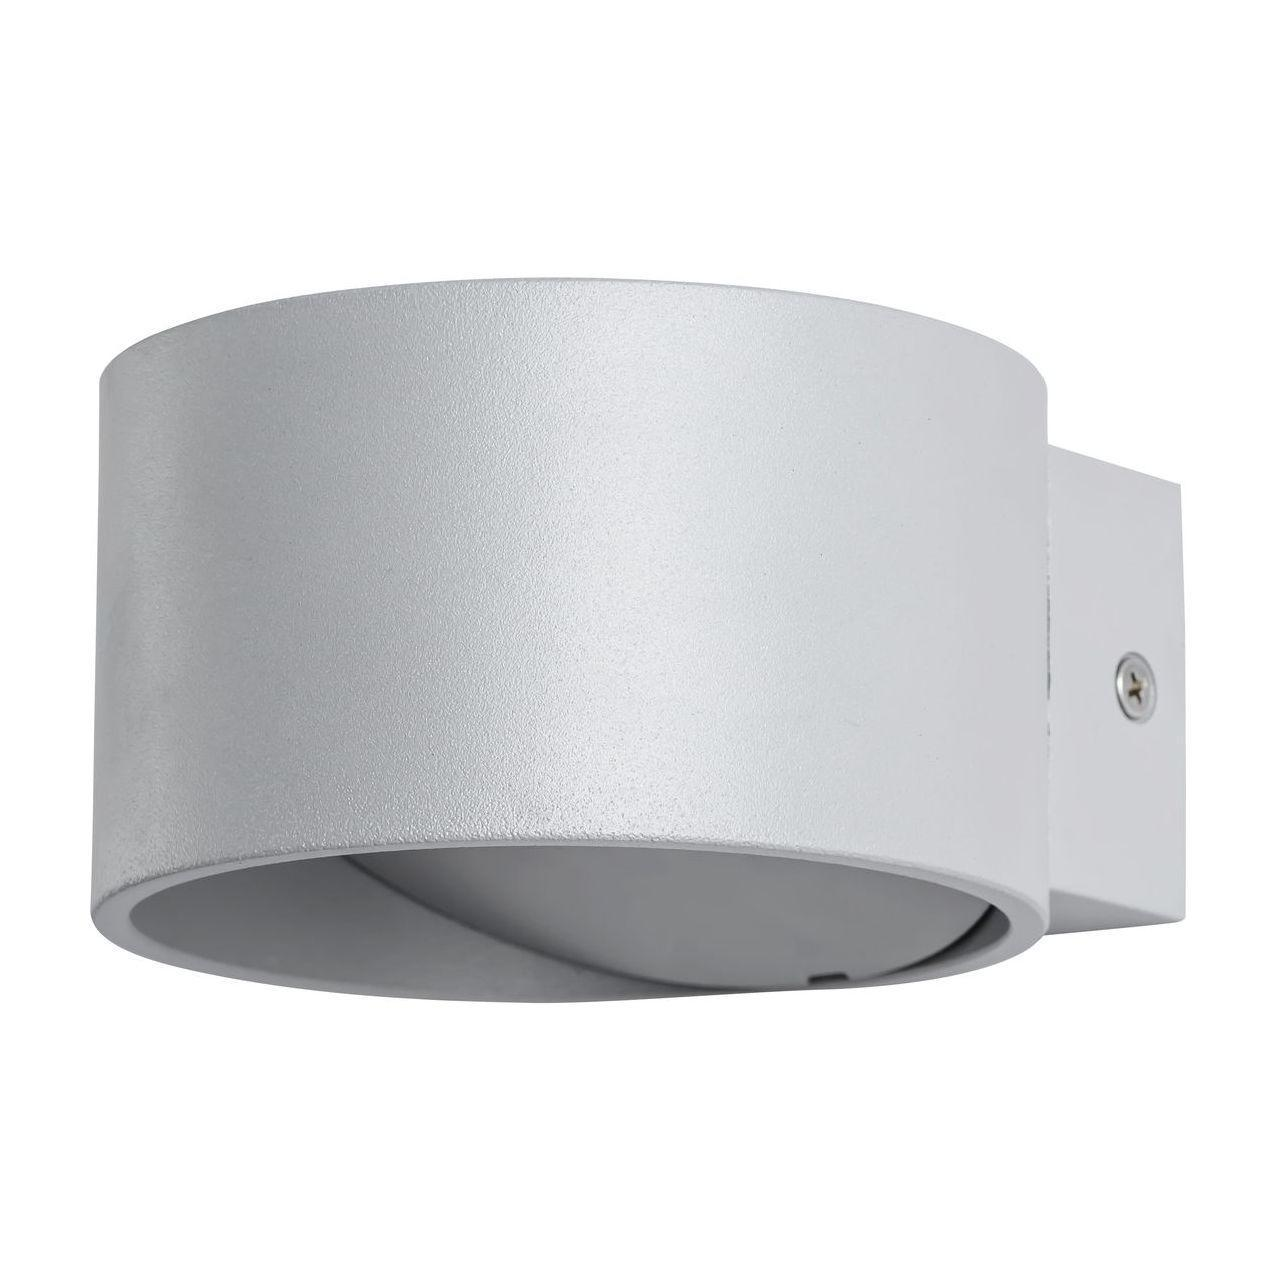 Настенный светодиодный светильник Arte Lamp Cerchio A1417AP-1GY все цены